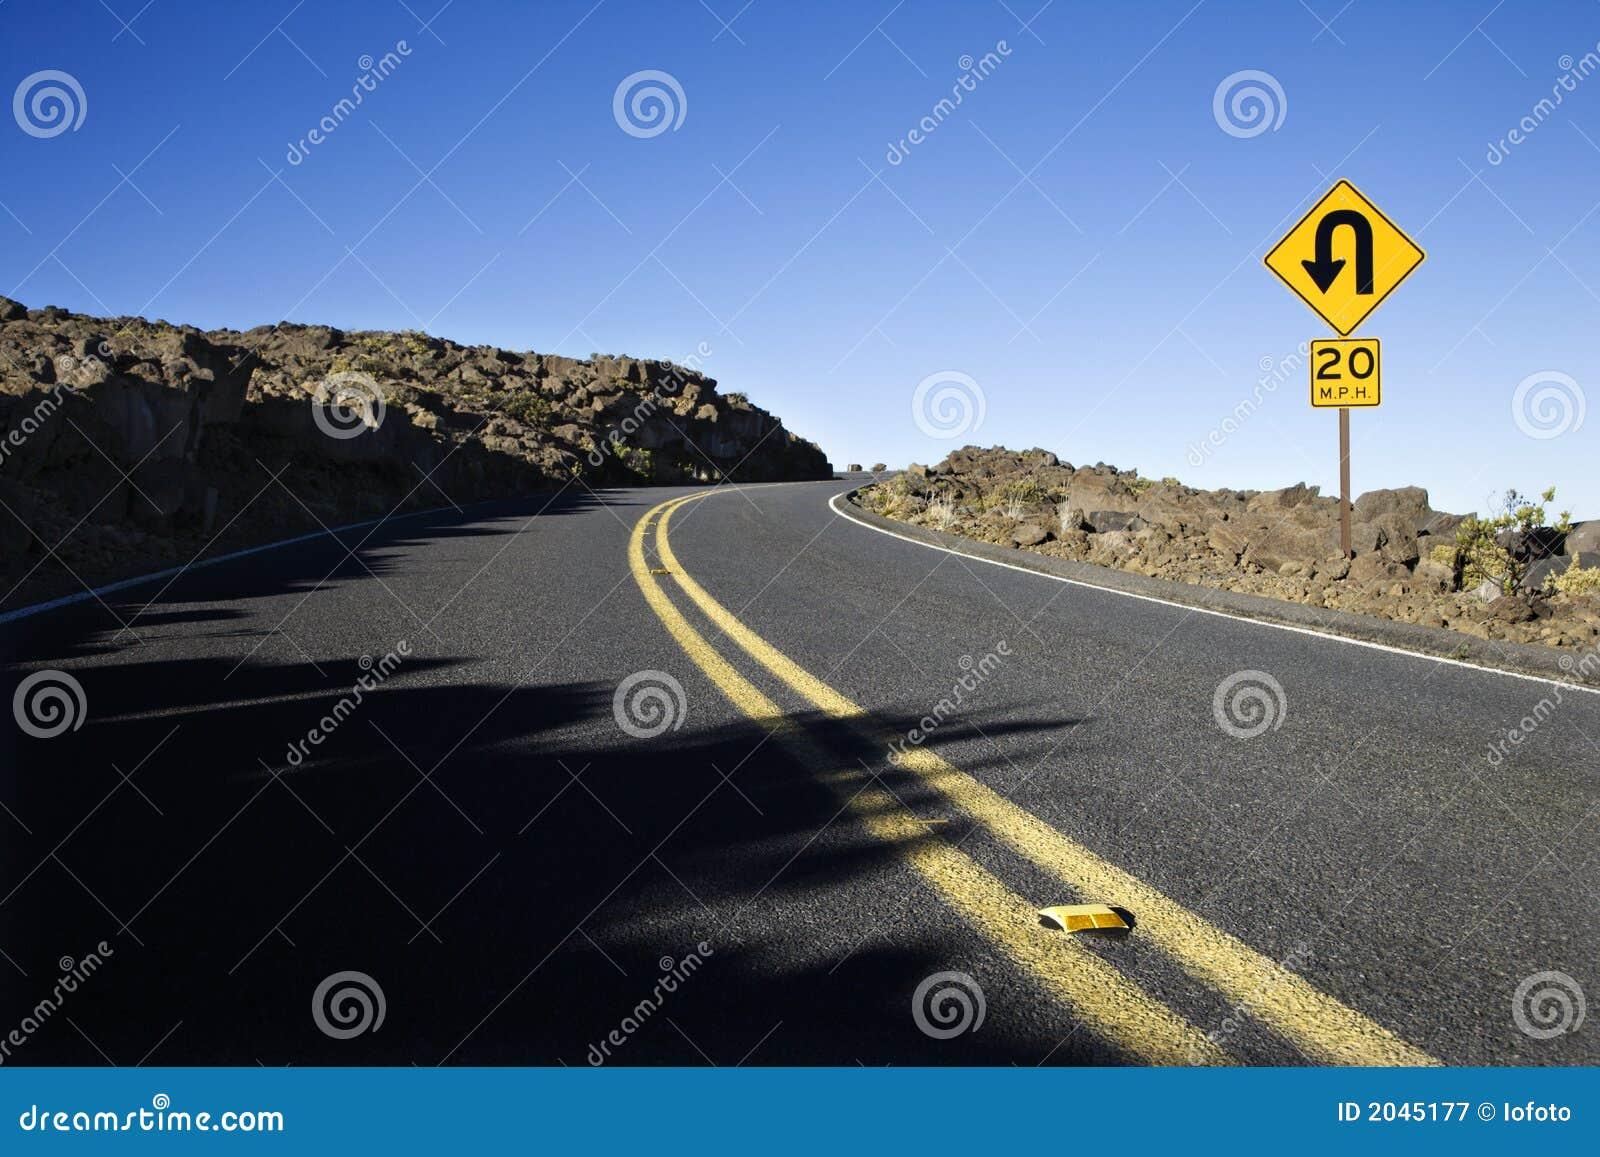 Signe le long d une courbe dans une route.